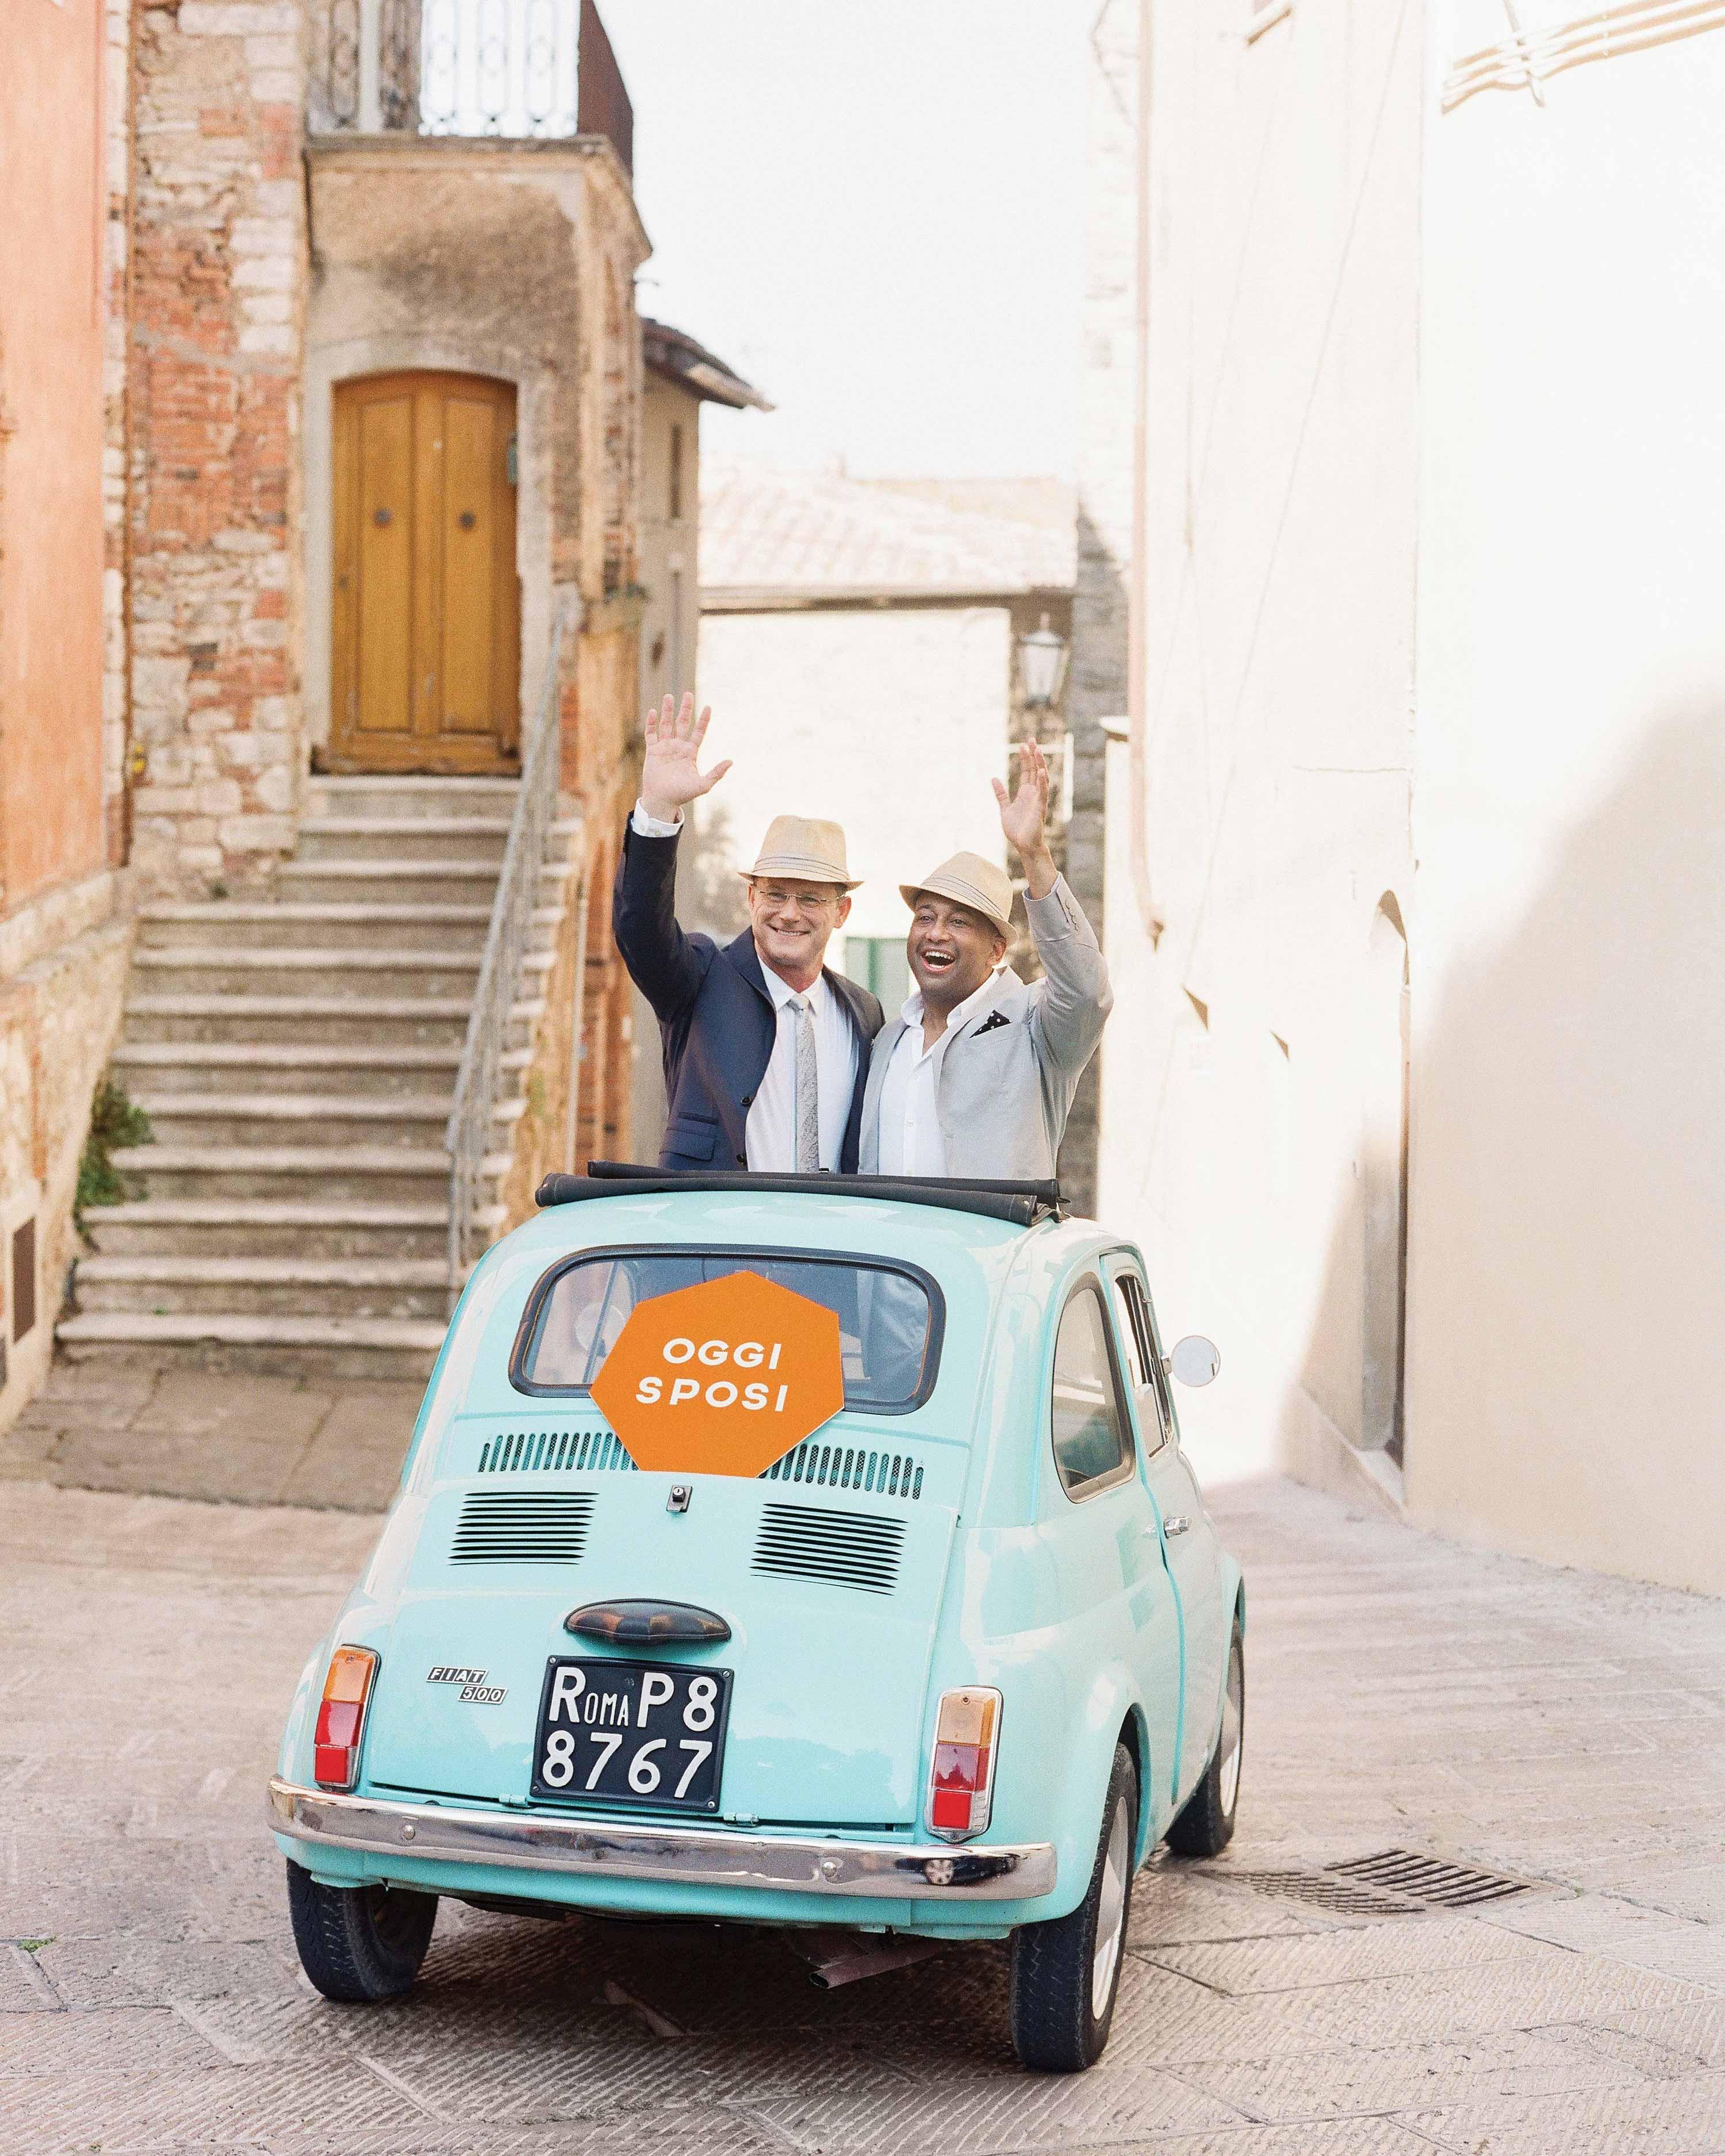 dennis-bryan-wedding-italy-vintage-fiat-getaway-car-just-married-002-0172-s112633.jpg